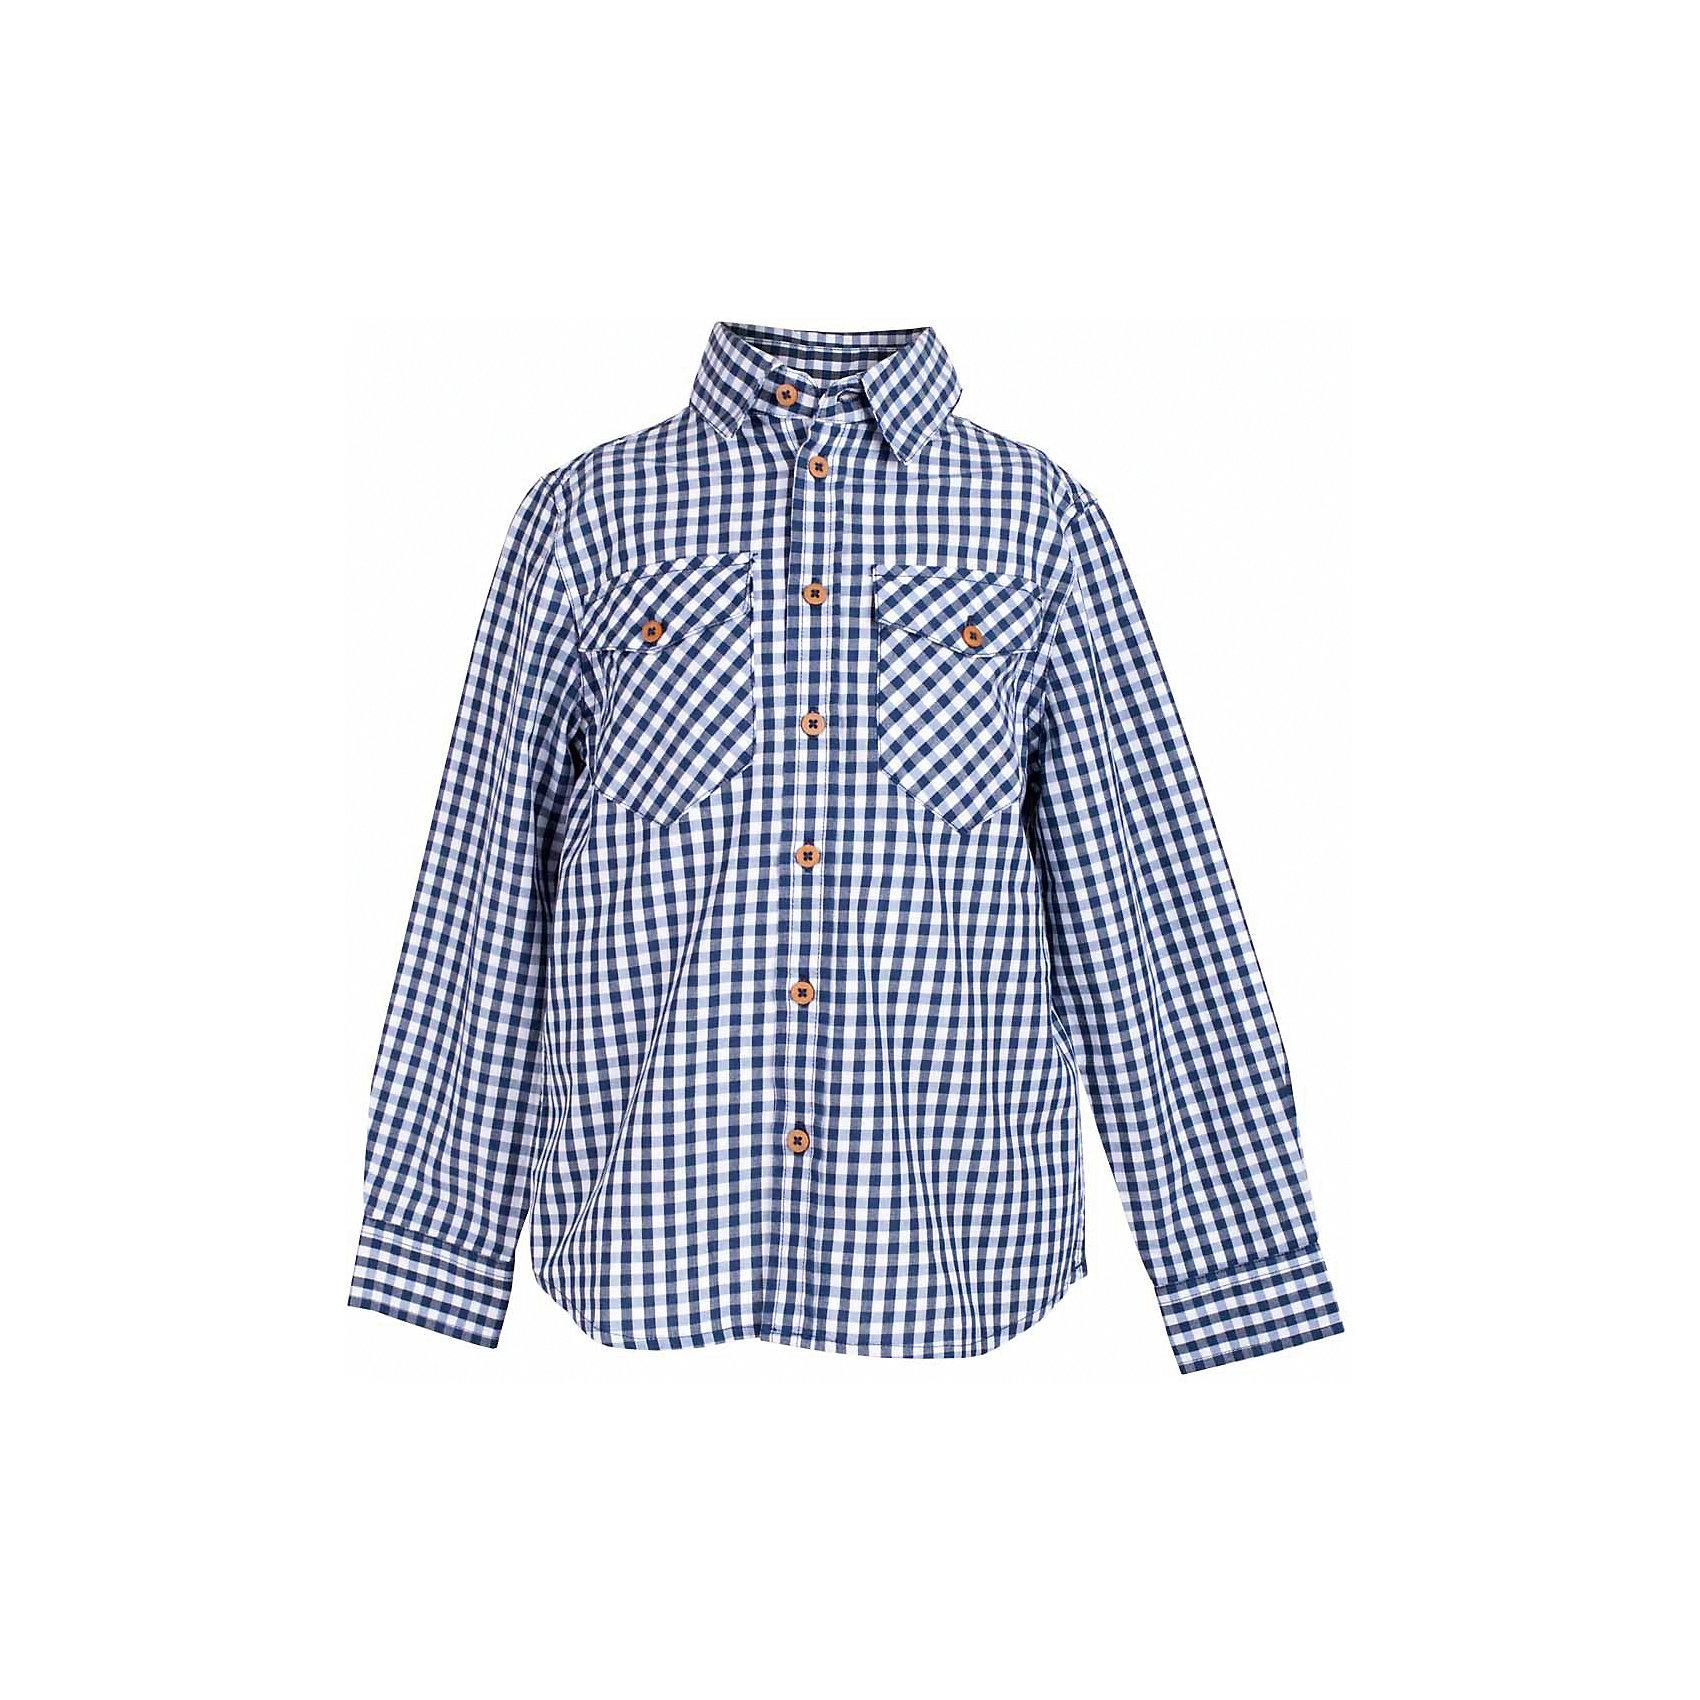 Рубашка для мальчика  BUTTON BLUEБлузки и рубашки<br>Рубашка для мальчика  BUTTON BLUE<br>Клетчатая рубашка - яркий акцент повседневного образа ребенка. Купить рубашку для мальчика стоит ранней весной, и сочетать ее с футболкой, толстовкой, джемпером, создавая модные многослойные решения. И для лета яркая рубашка в клетку из 100% хлопка - отличный вариант. С брюками, шортами, джинсами она будет выглядеть свежо и стильно!<br>Состав:<br>100%  хлопок<br><br>Ширина мм: 174<br>Глубина мм: 10<br>Высота мм: 169<br>Вес г: 157<br>Цвет: синий<br>Возраст от месяцев: 48<br>Возраст до месяцев: 60<br>Пол: Мужской<br>Возраст: Детский<br>Размер: 128,134,140,146,152,98,158,104,110,116,122<br>SKU: 5524464